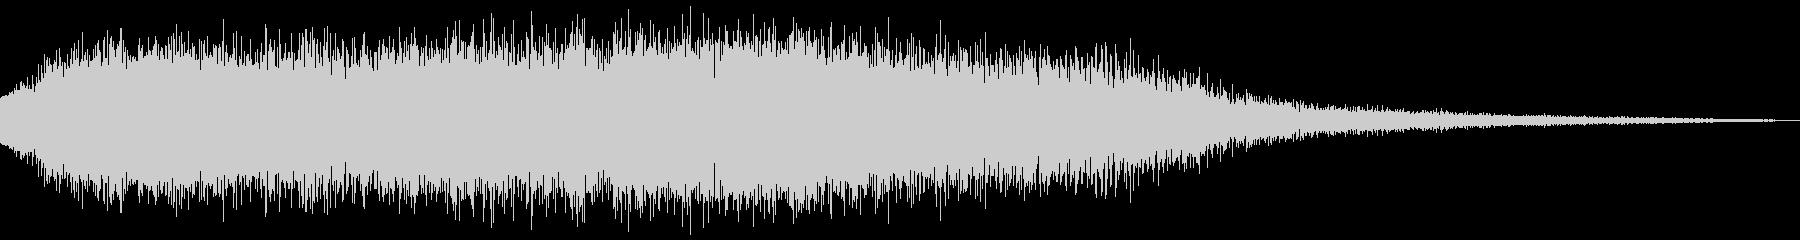 ゲーム用:クリアジングル(キラキラ音)の未再生の波形